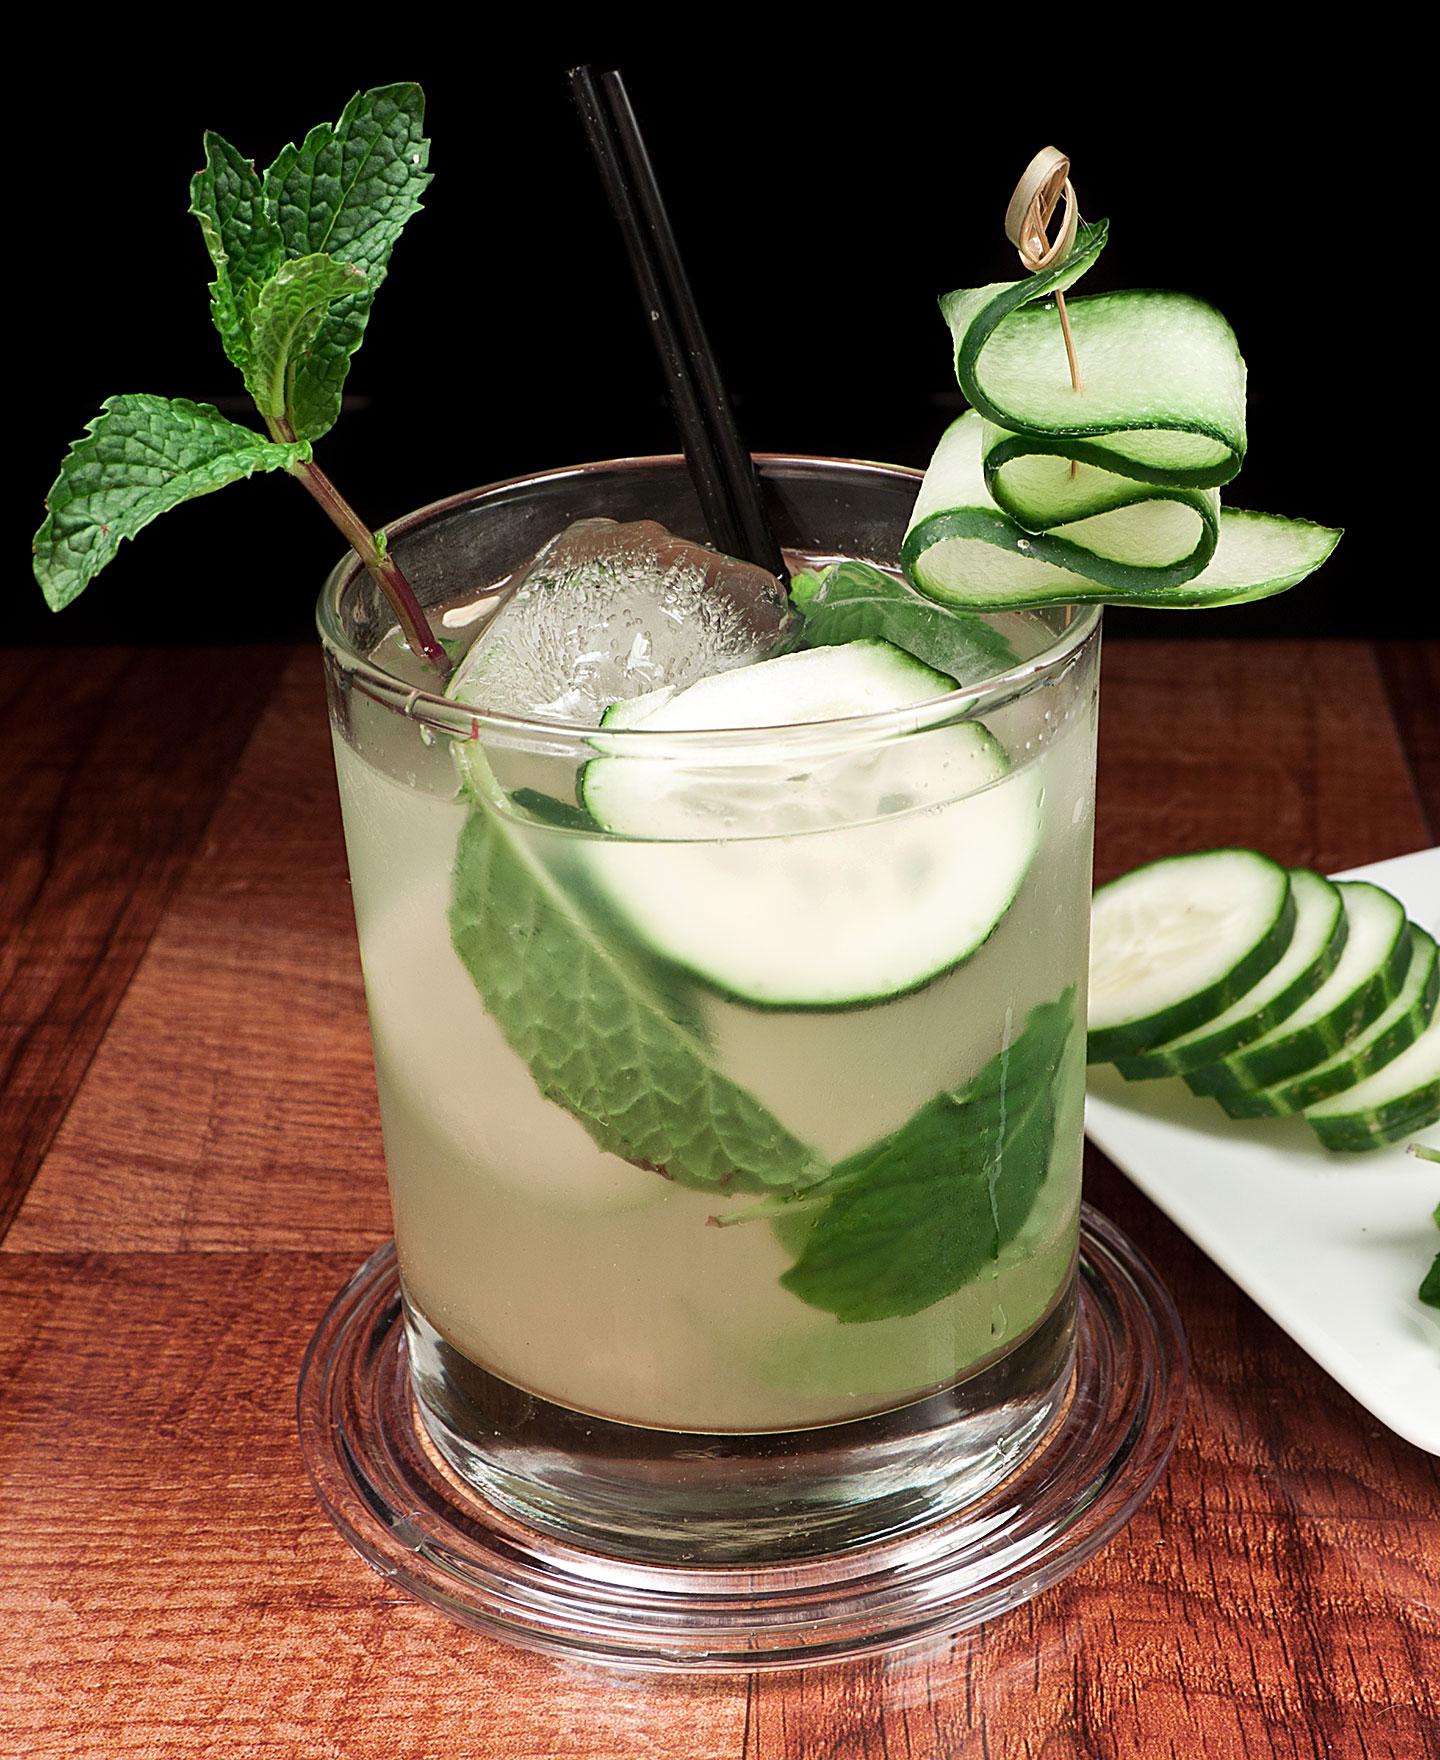 Cucumber Vodka Even Keel - Summer Vodka Drinks - Cocktail Recipes from Denver Bartenders made with KEEL Vodka